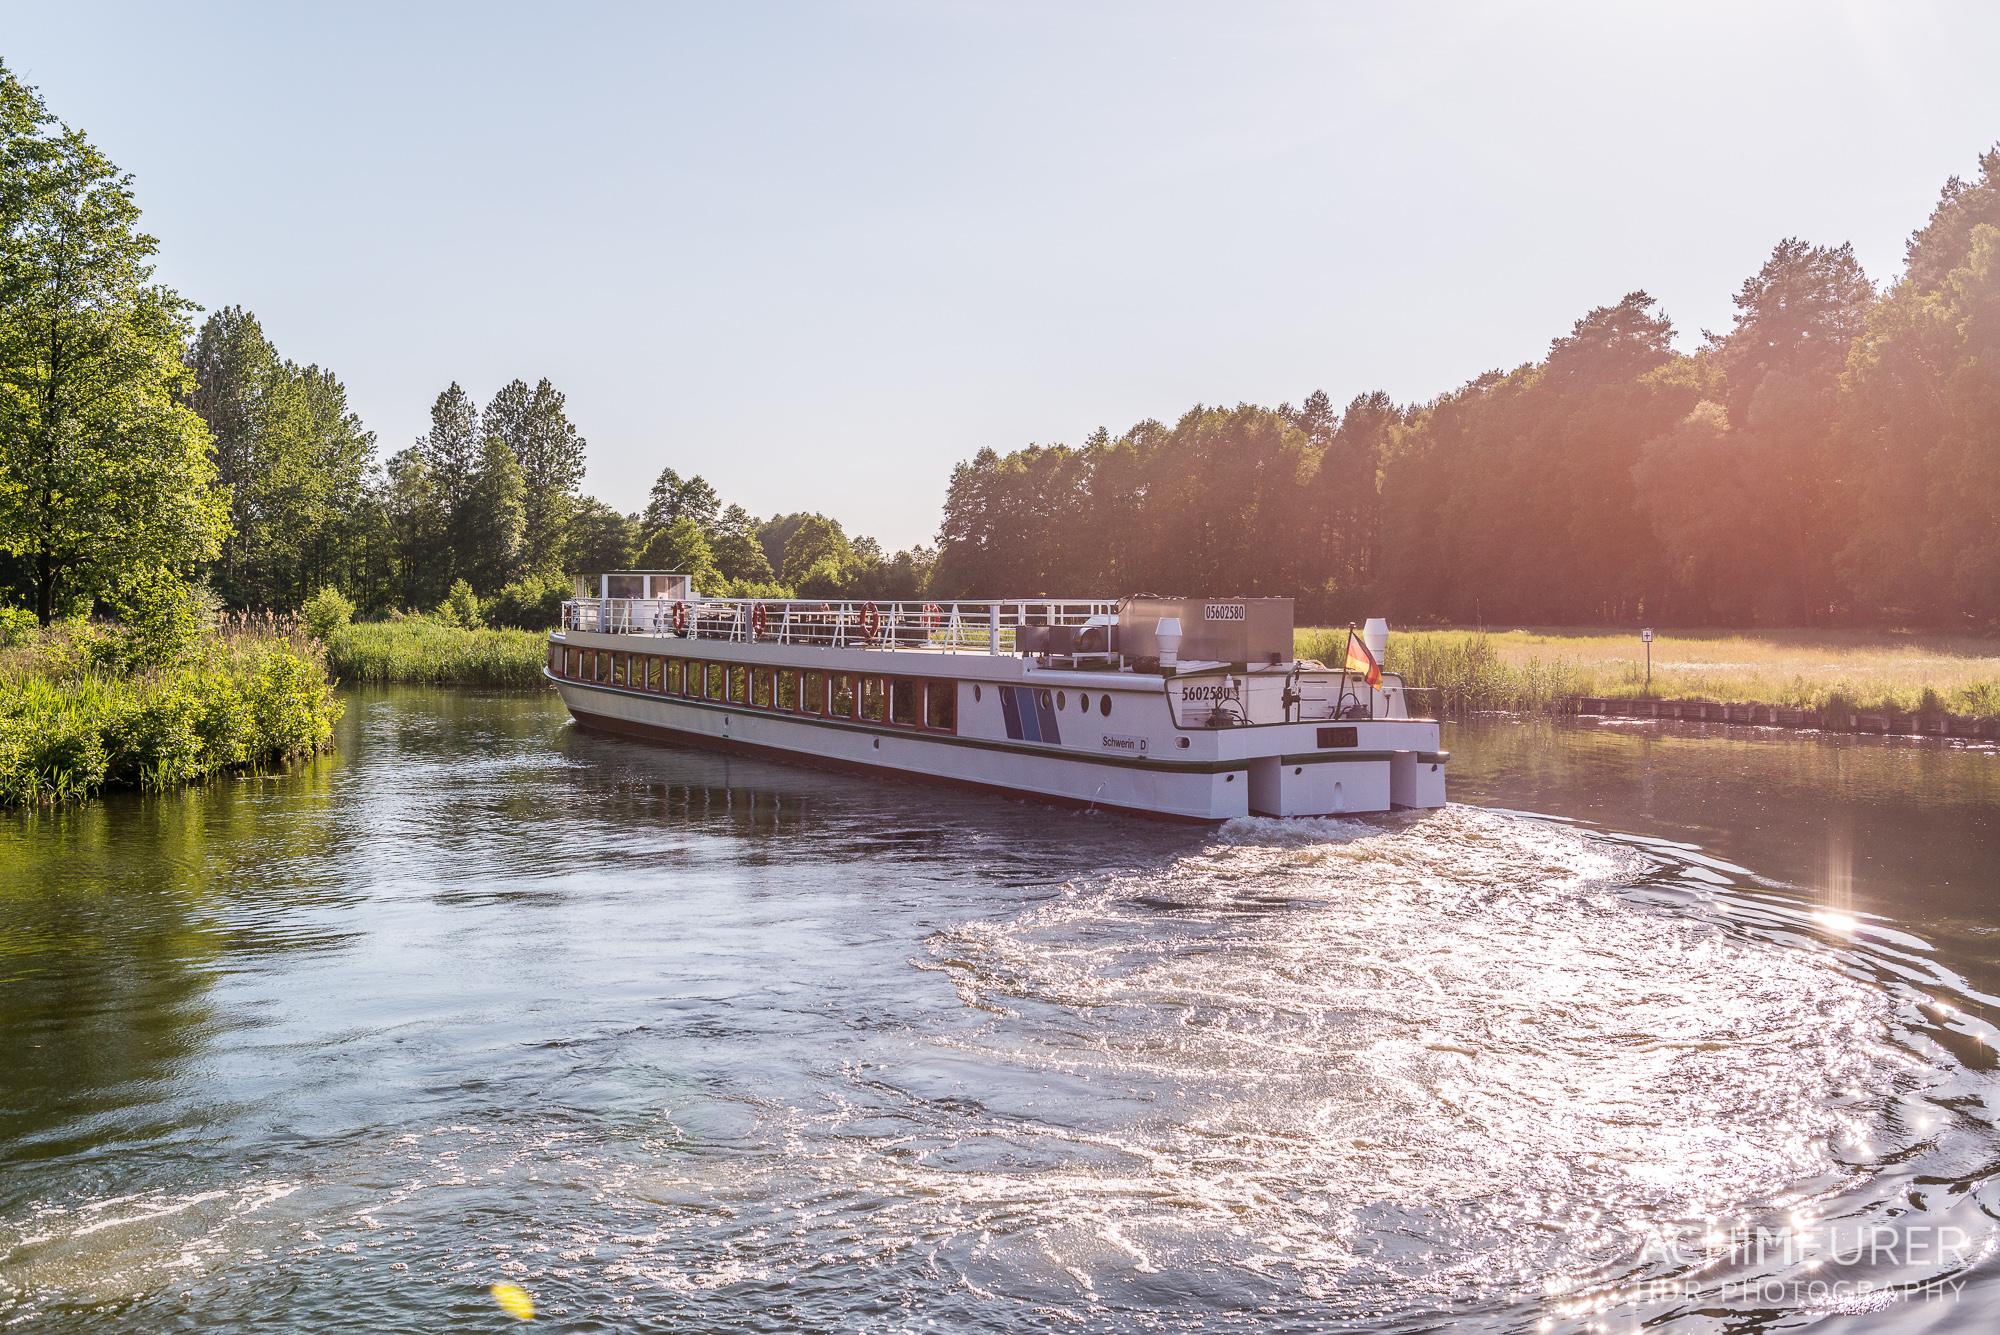 Woche 52 teil 2 hausboot ber die m ritz die meurers for Klassisches hausboot